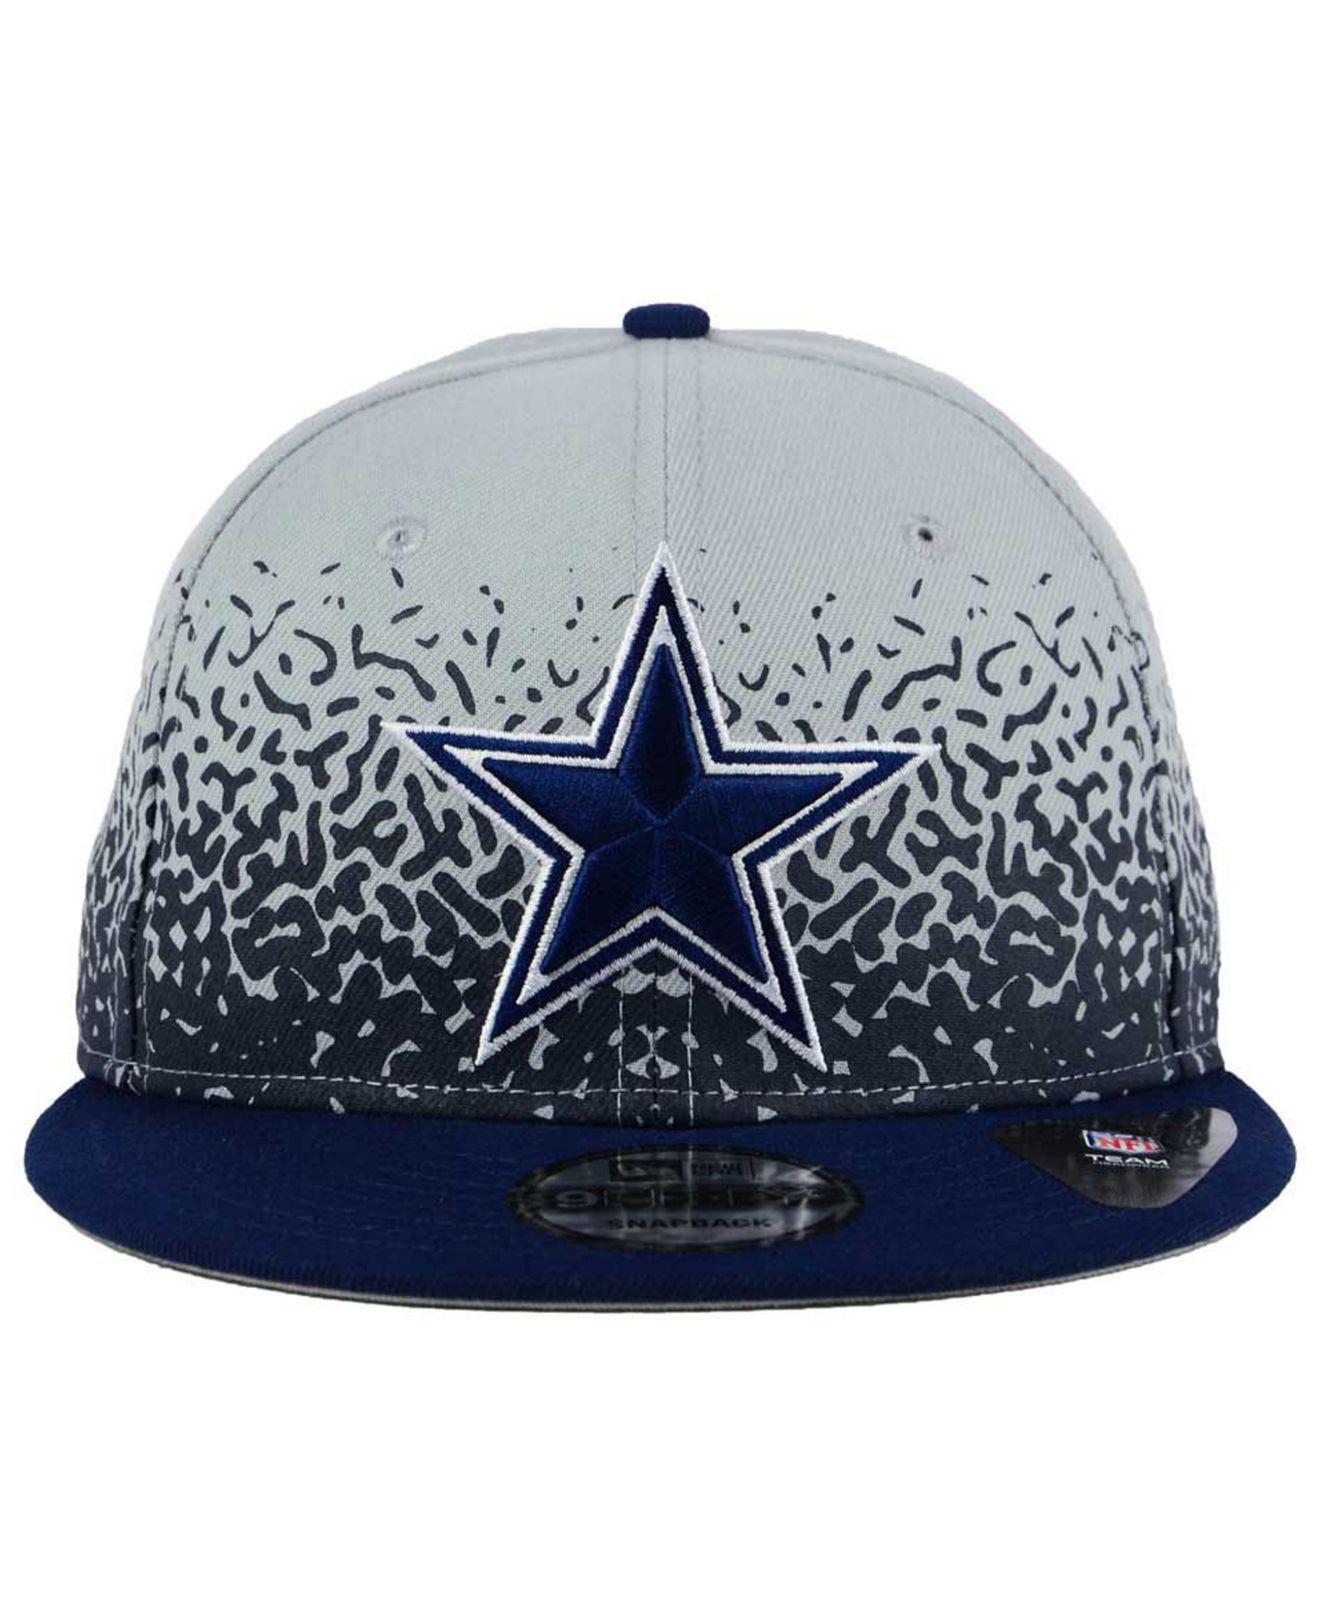 new arrivals bdd4b cabcc 2018 dallas cowboys hats jerseys arel lids nfl f6d57 e1eff  free shipping  lyst ktz dallas cowboys speckle rise 9fifty snapback cap in blue b78f4 1d4ec